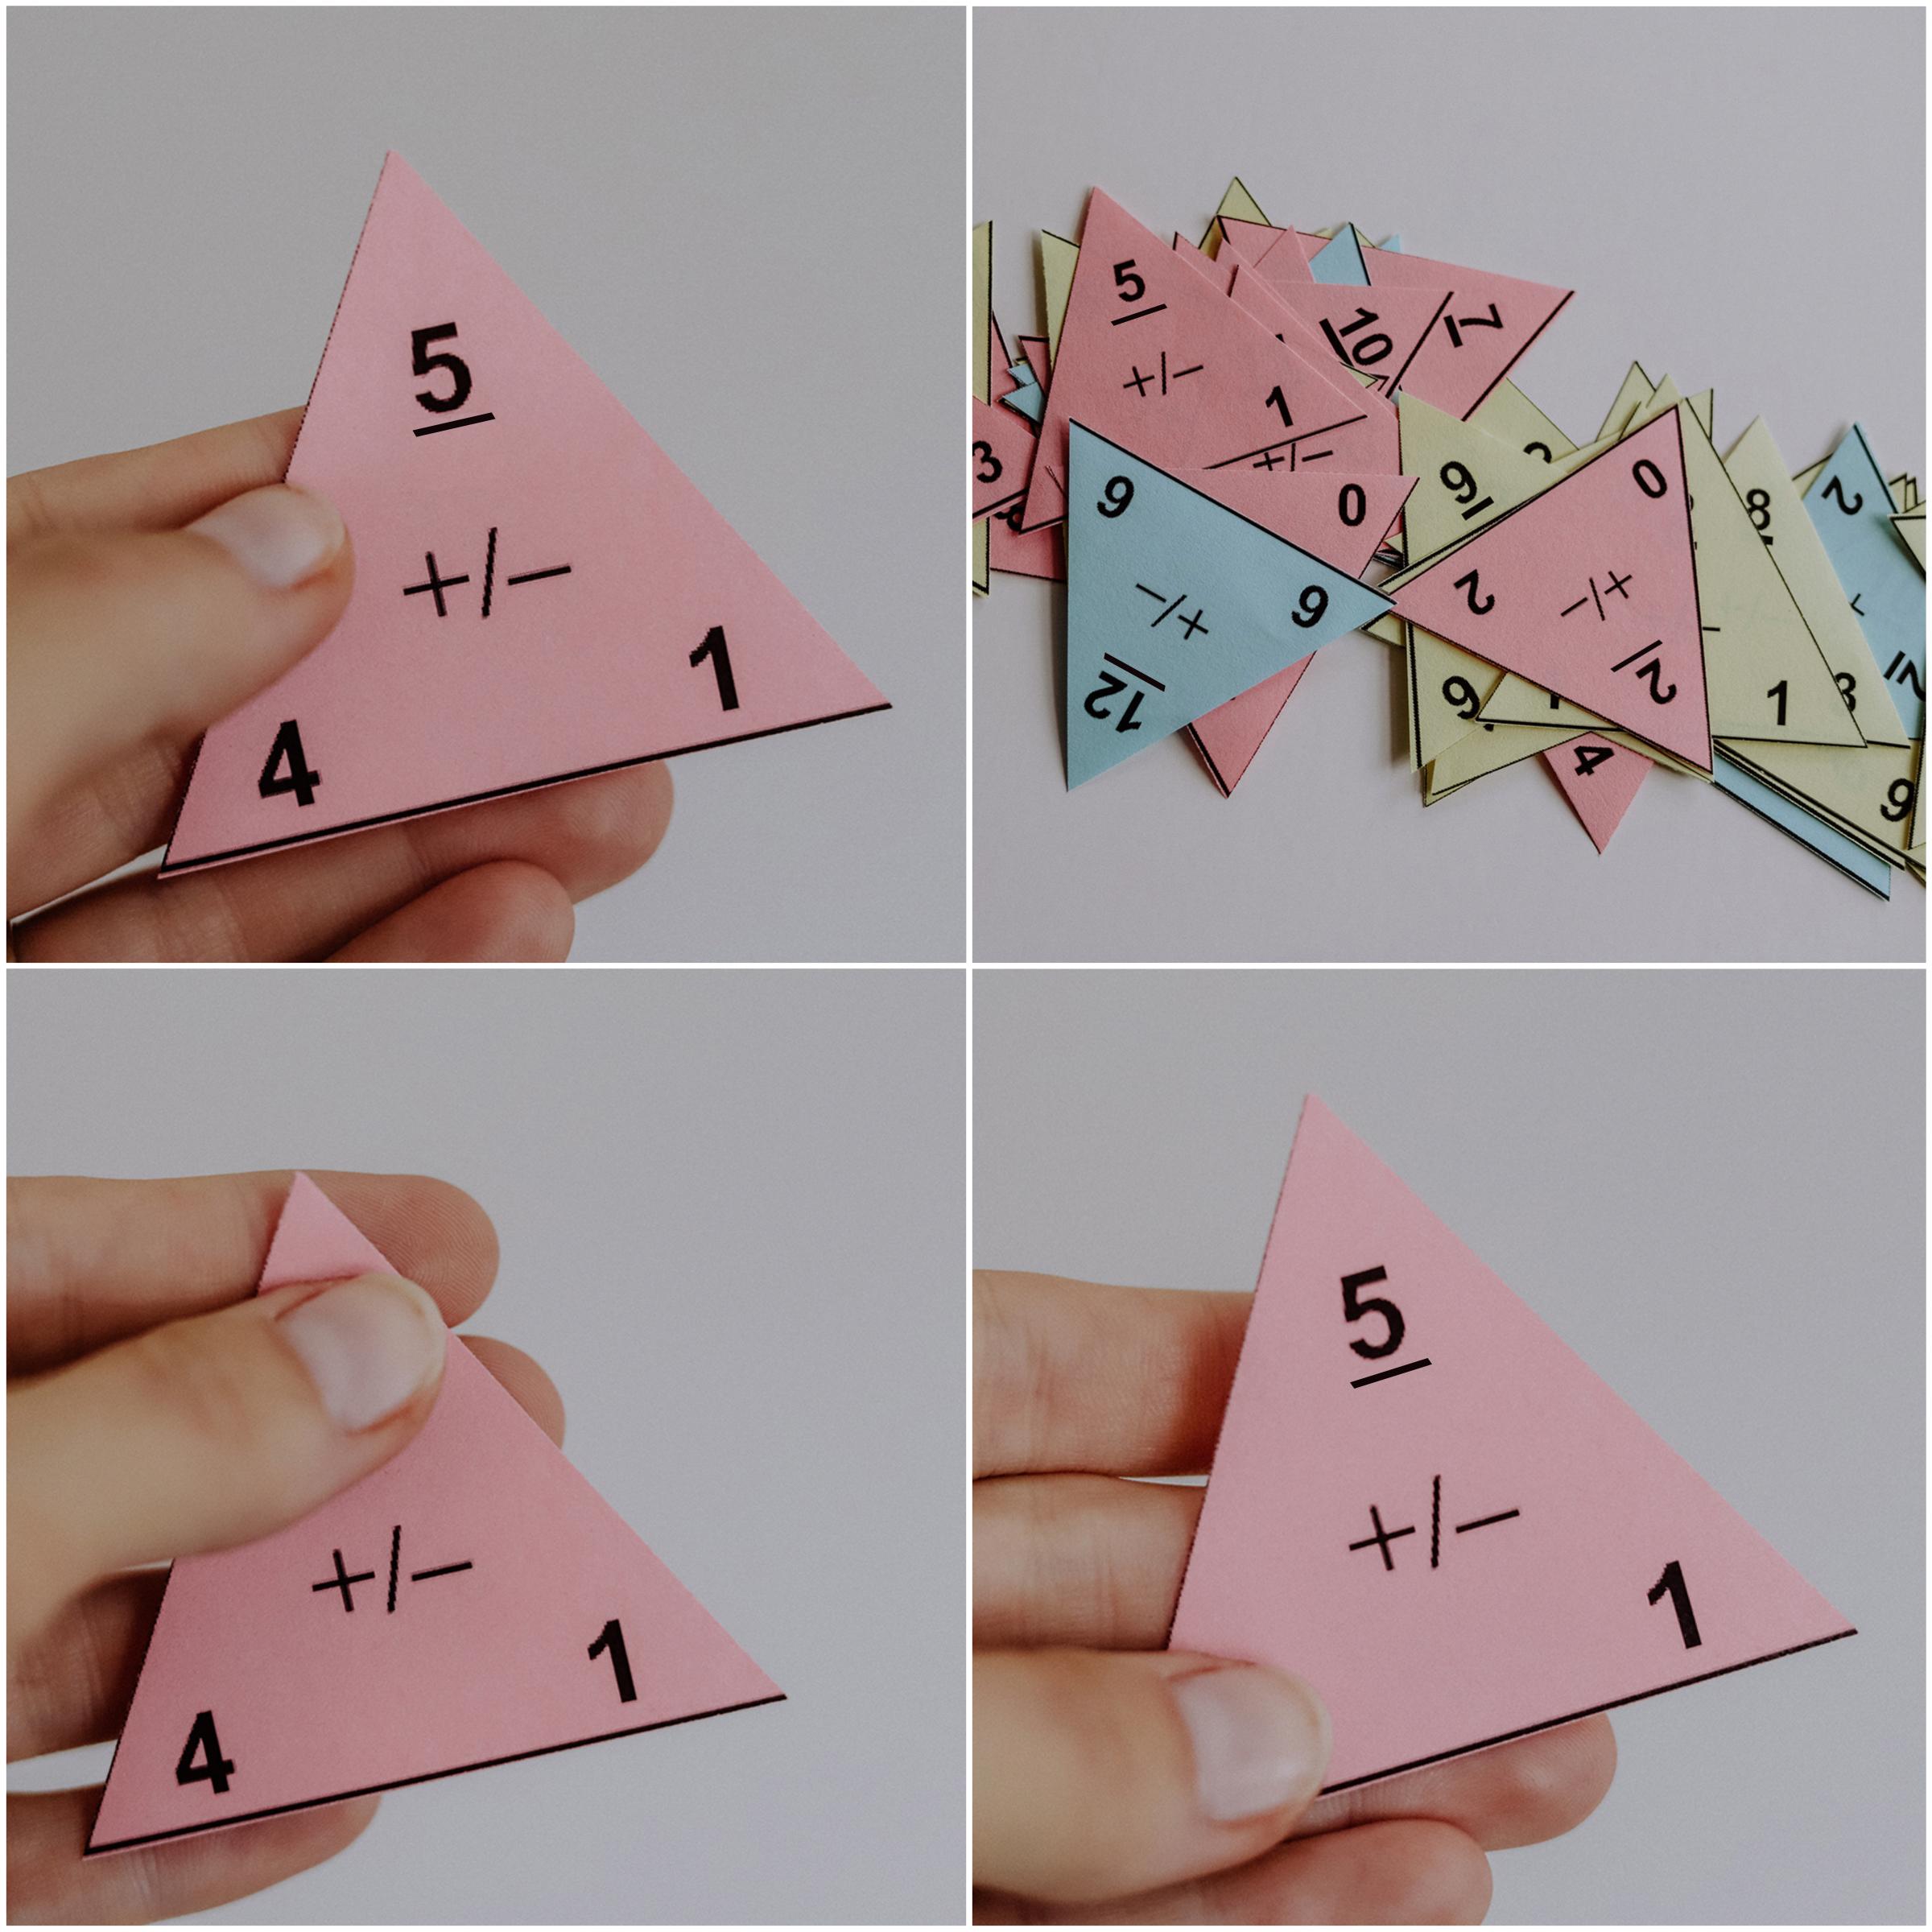 Mathe in der Grundschule: Rechendreiecke kostenlos ausdrucken